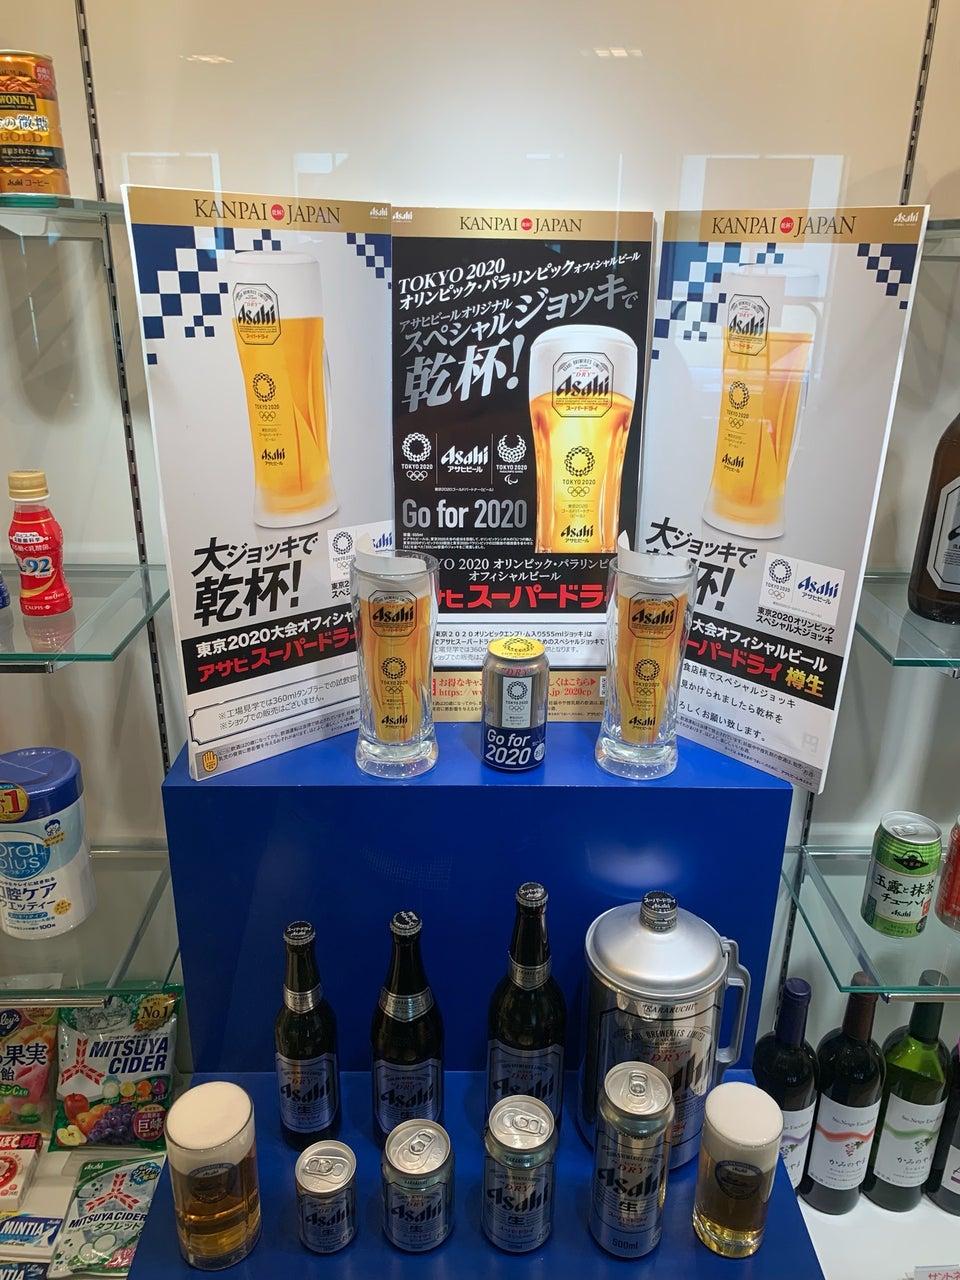 ASAHI啤酒 吹田工場